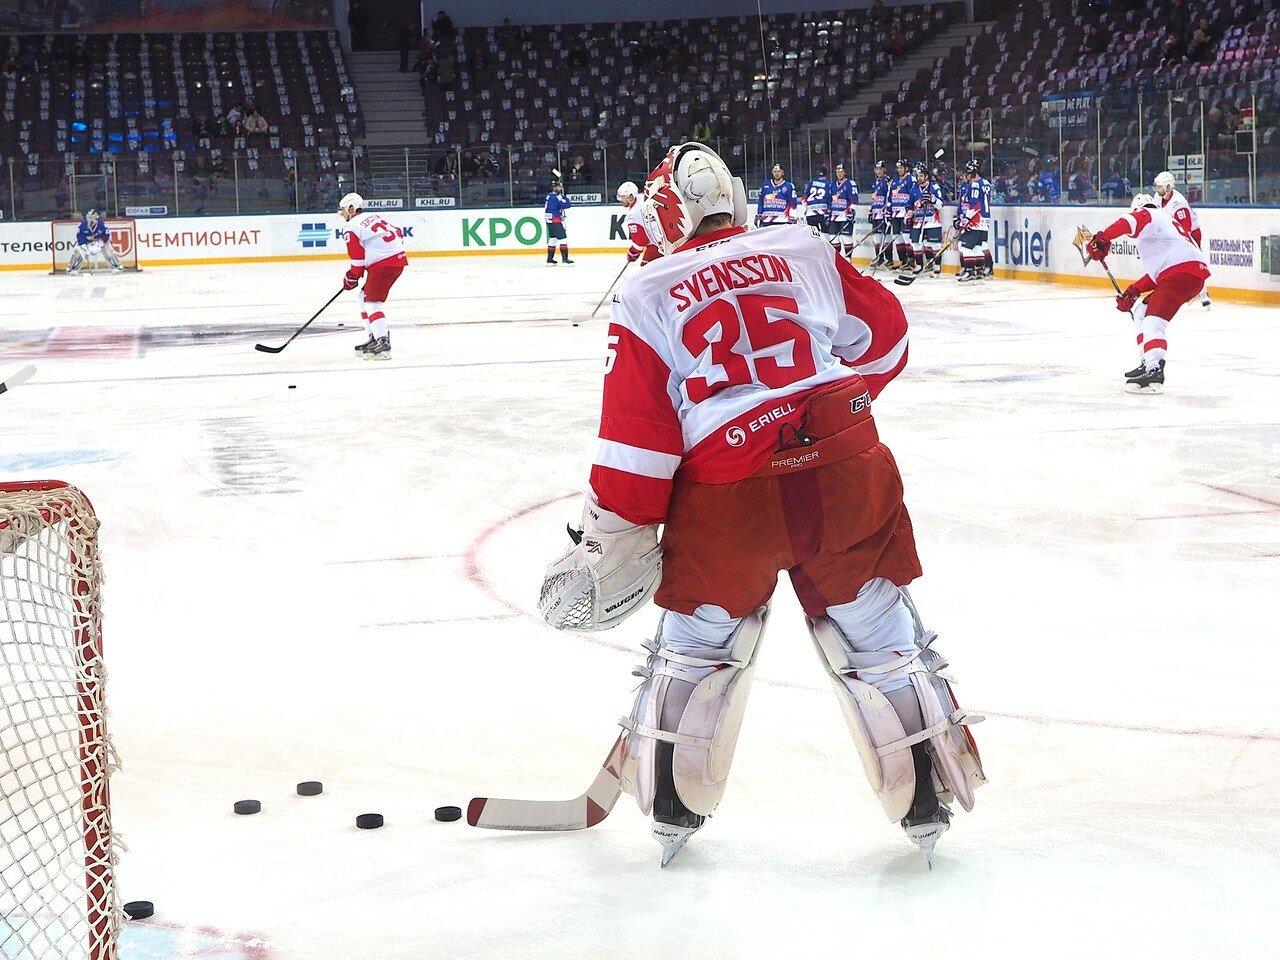 7Металлург - Спартак 13.01.2017